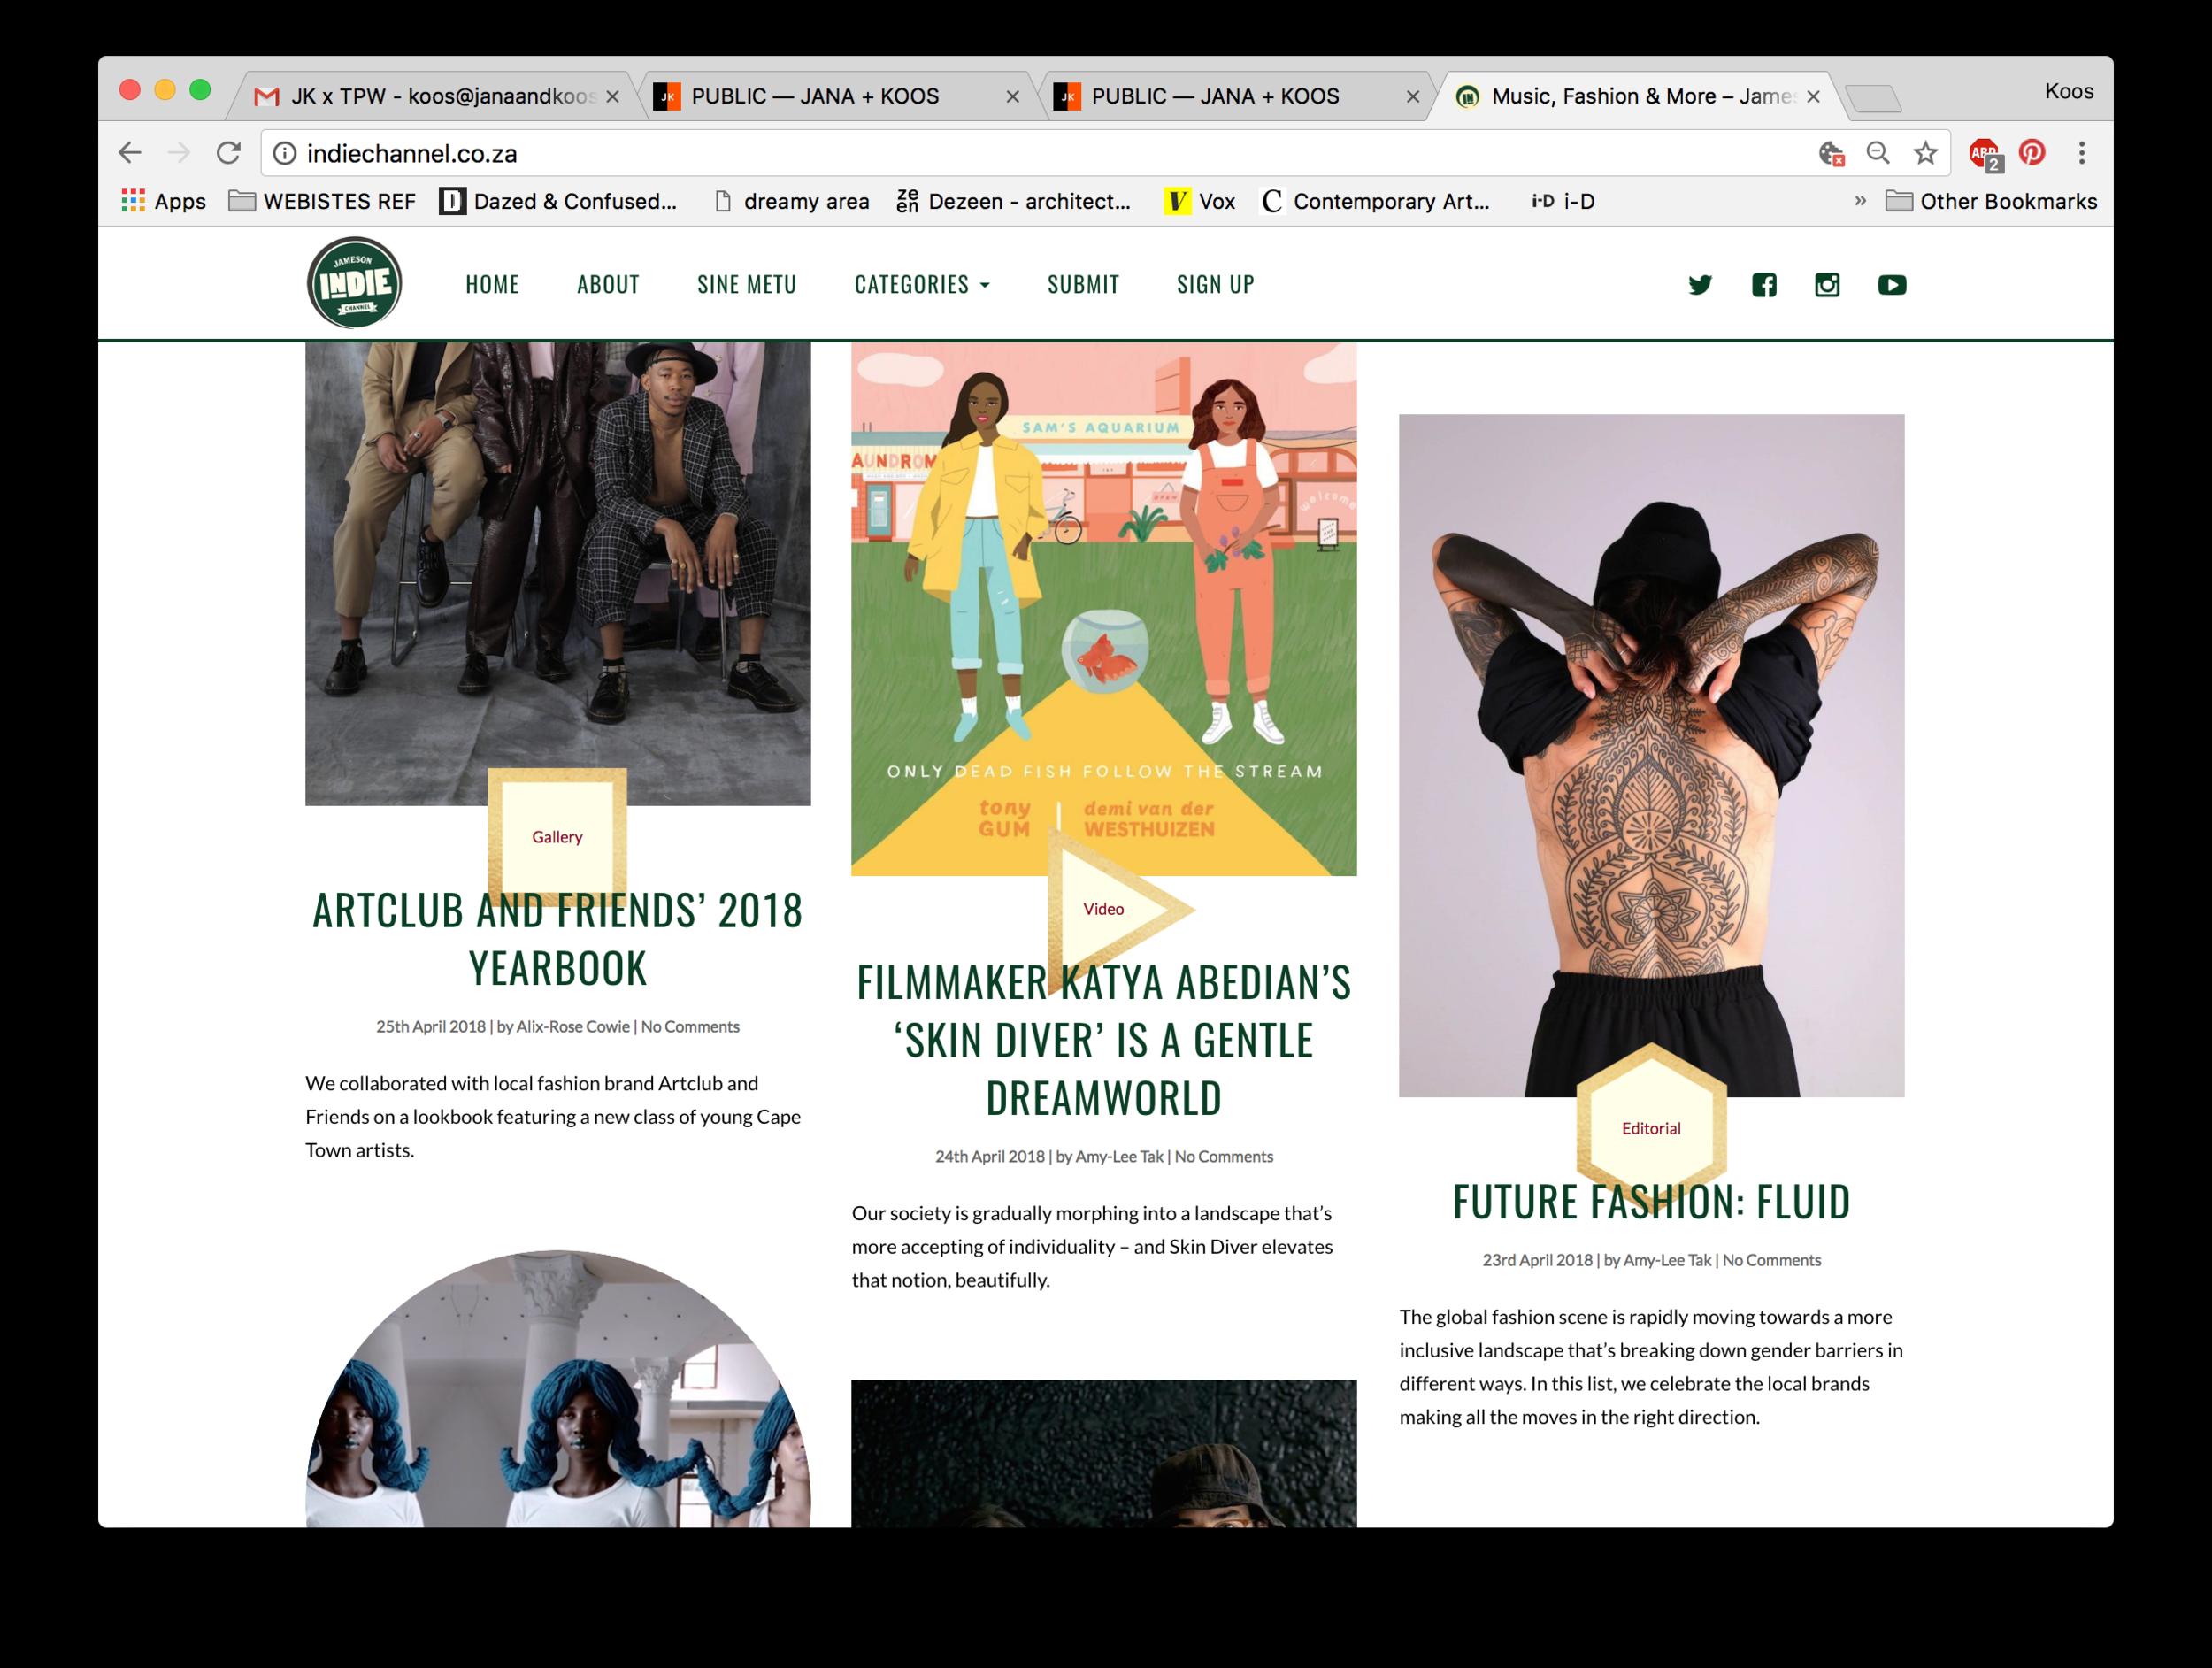 http://indiechannel.co.za/future-fashion/